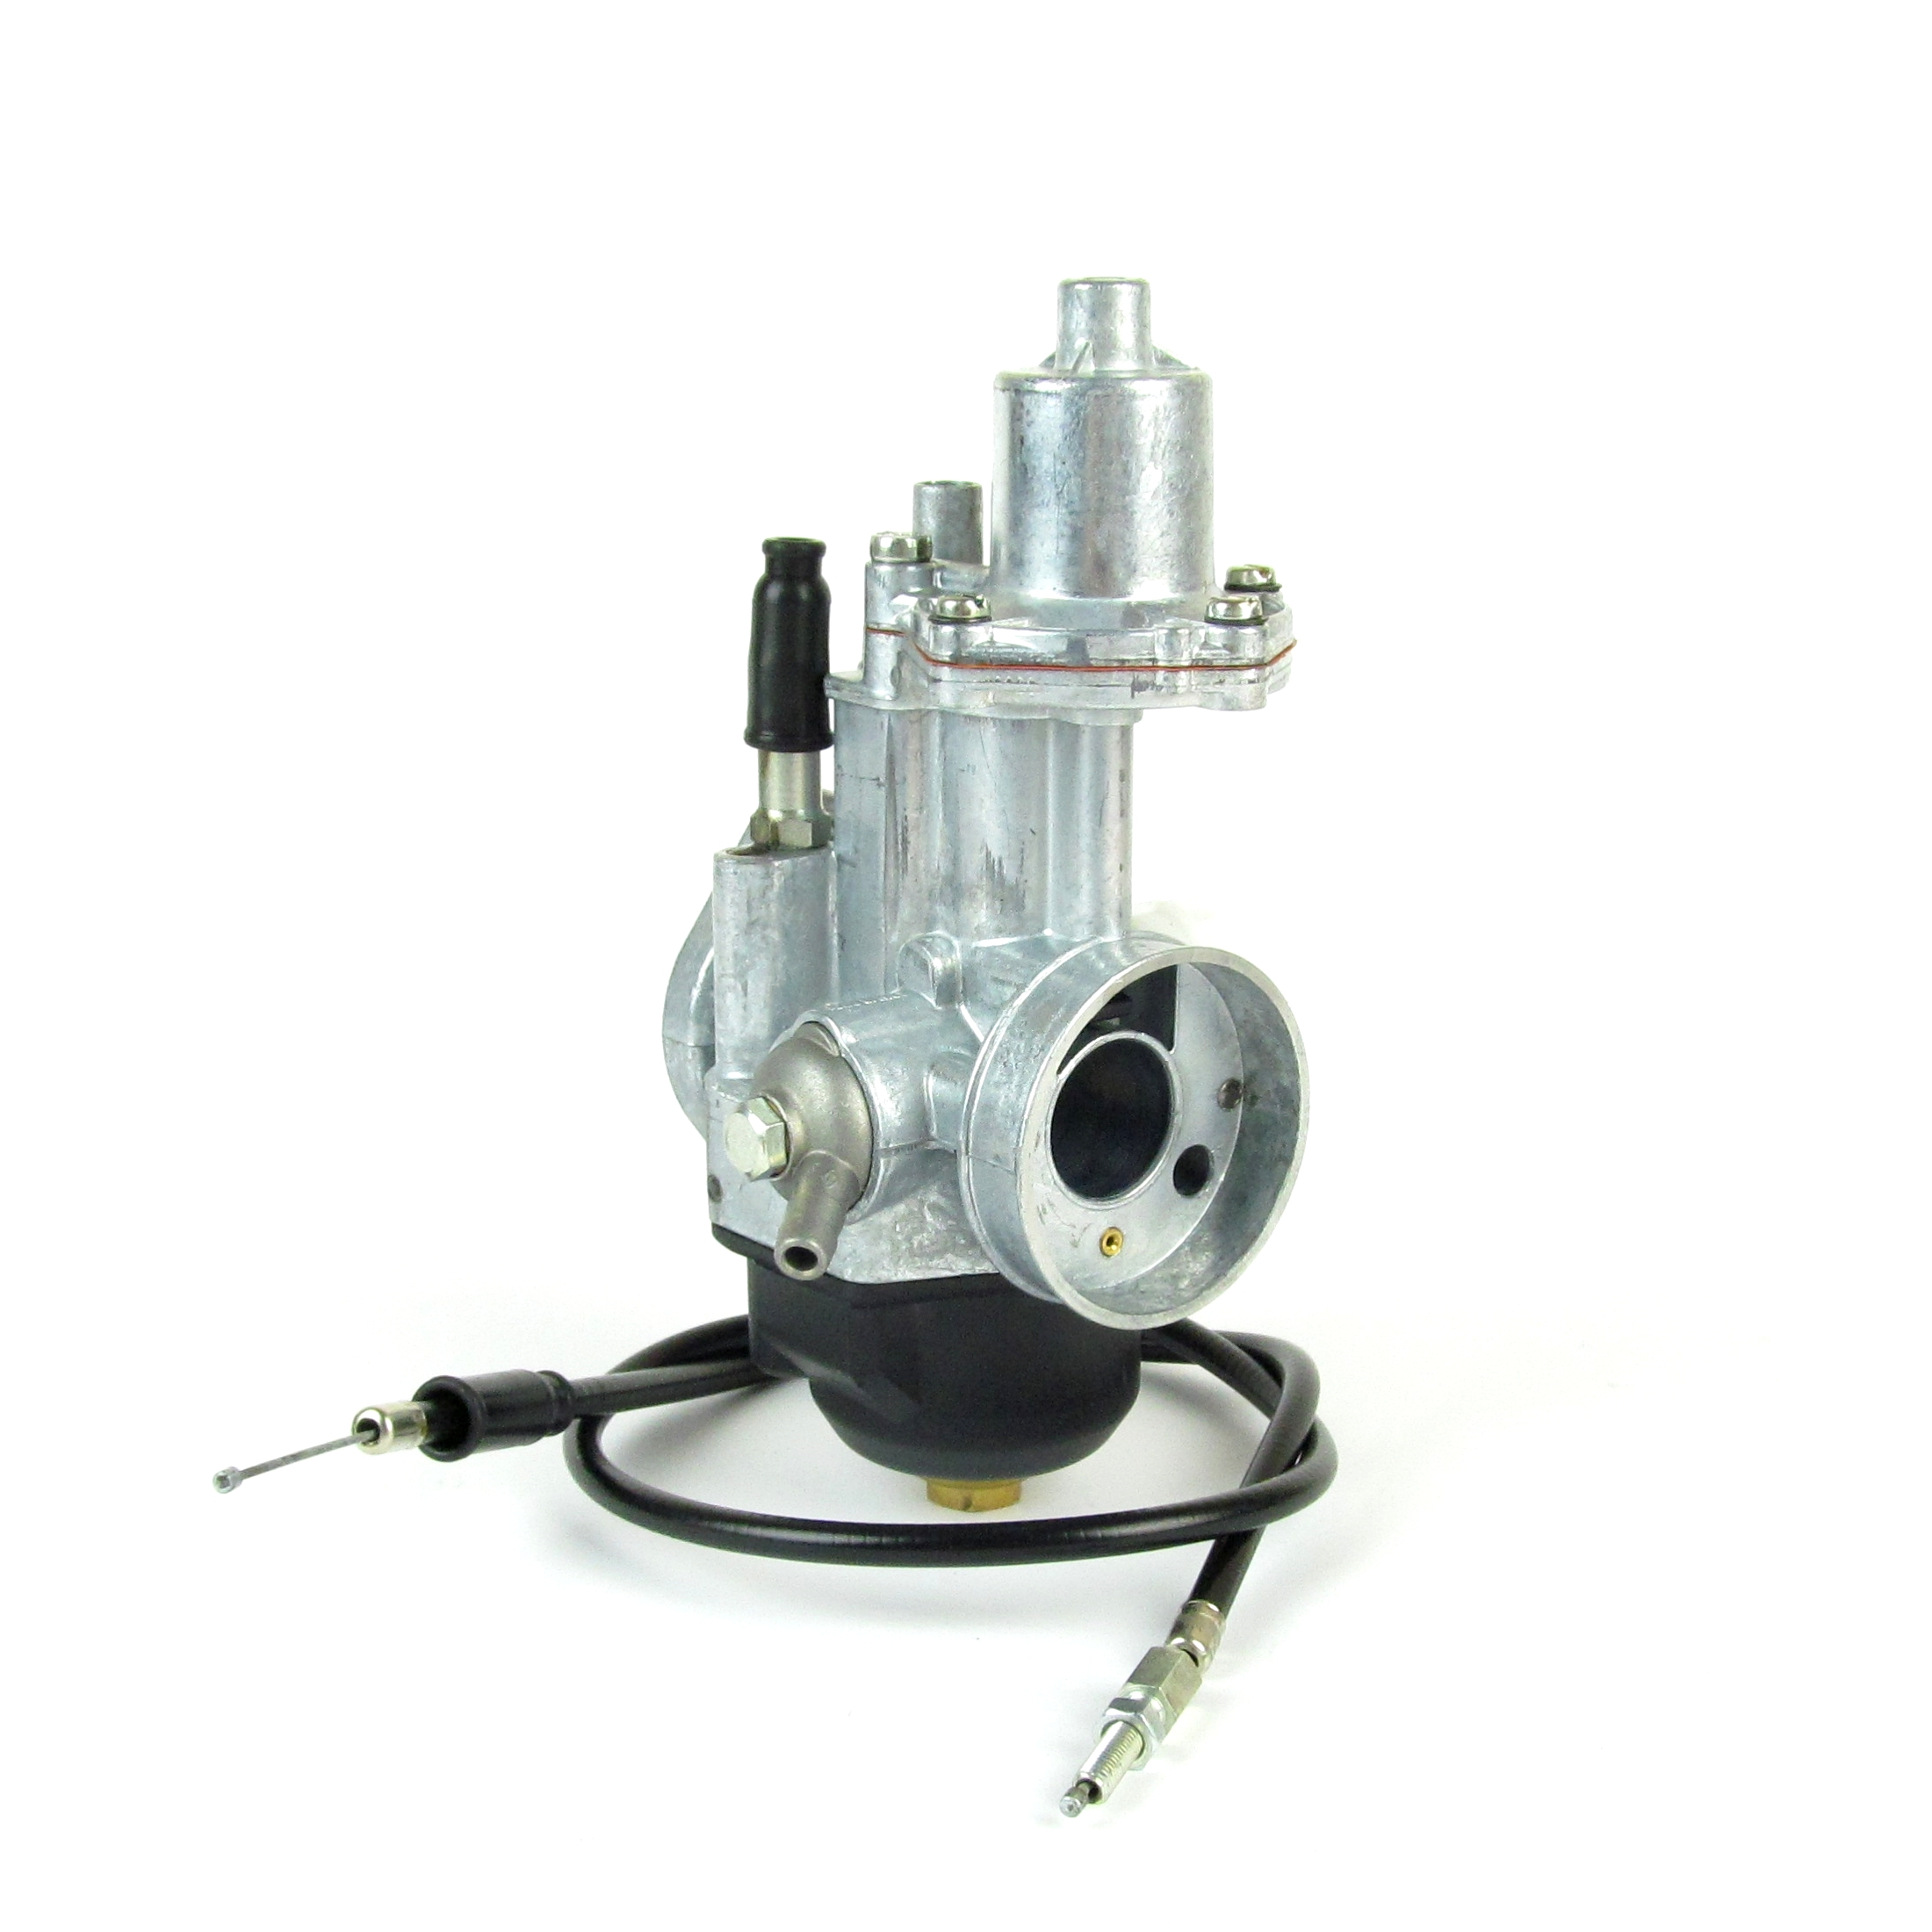 Dellorto SHBB 22.22 Carburettor Piaggio Motocarro APE 2001 220cc 2-striko